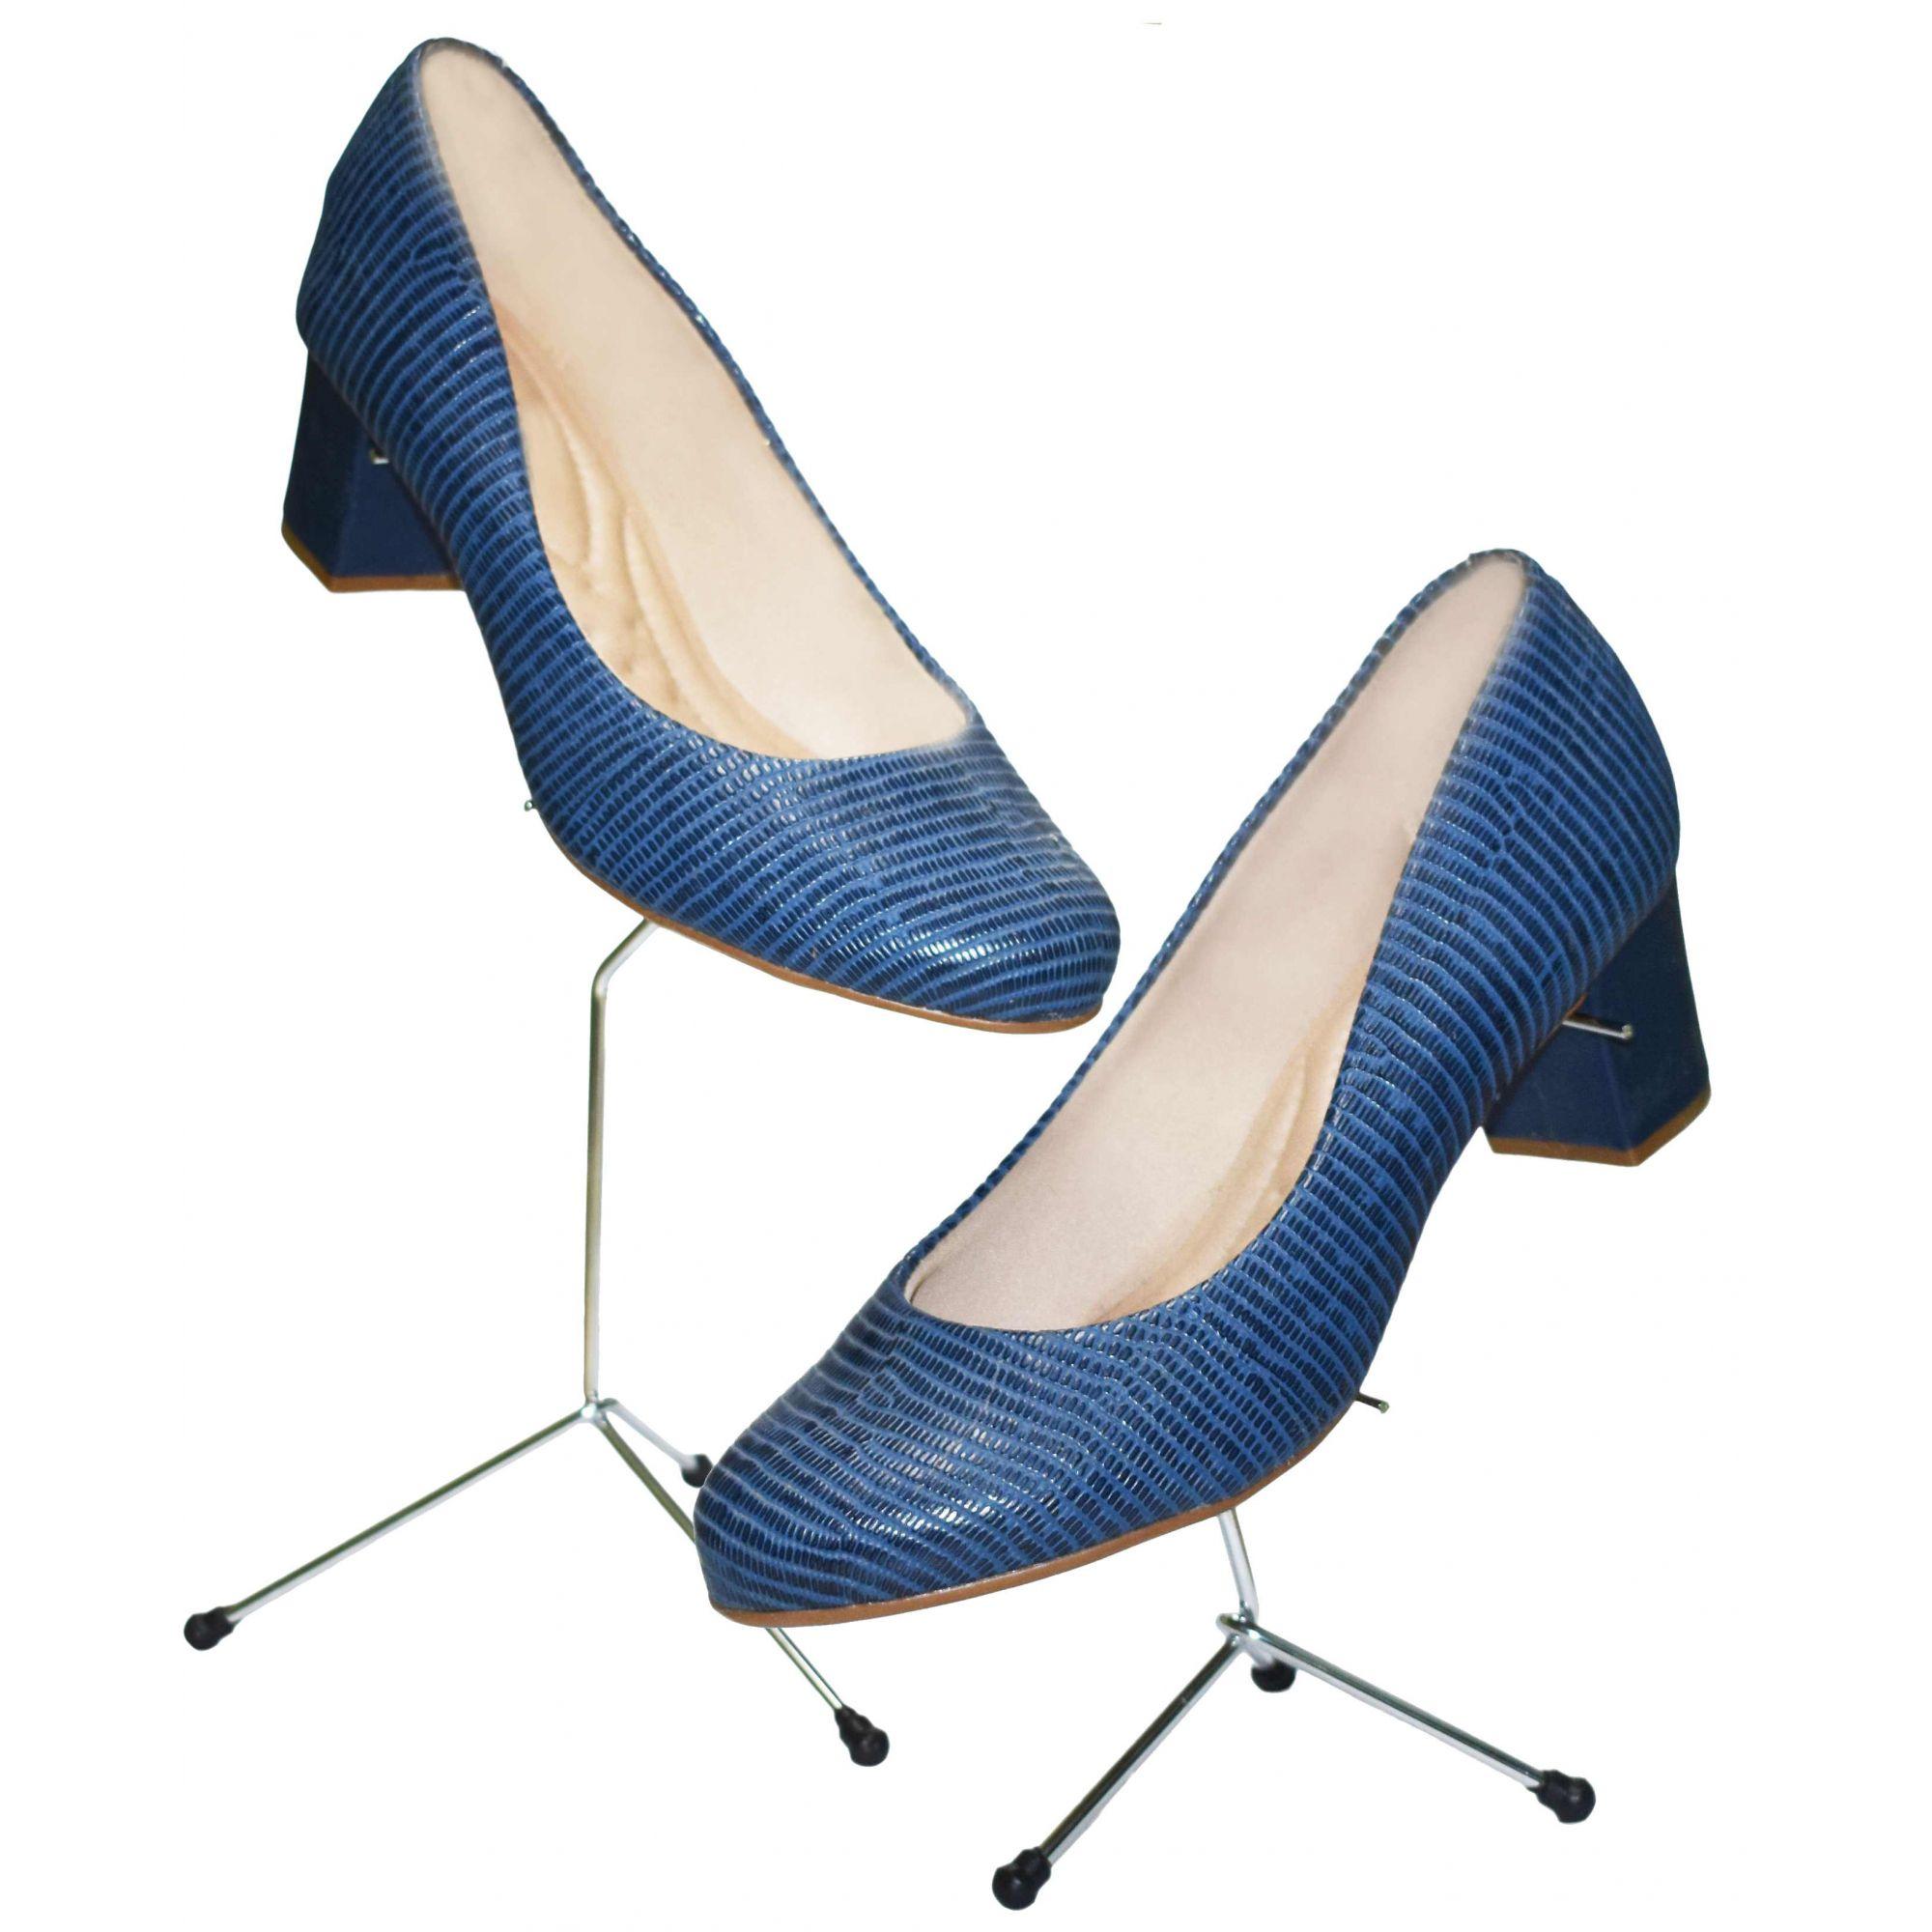 Expositor Pé de Galinha p/ Calçados 15cm Cromado